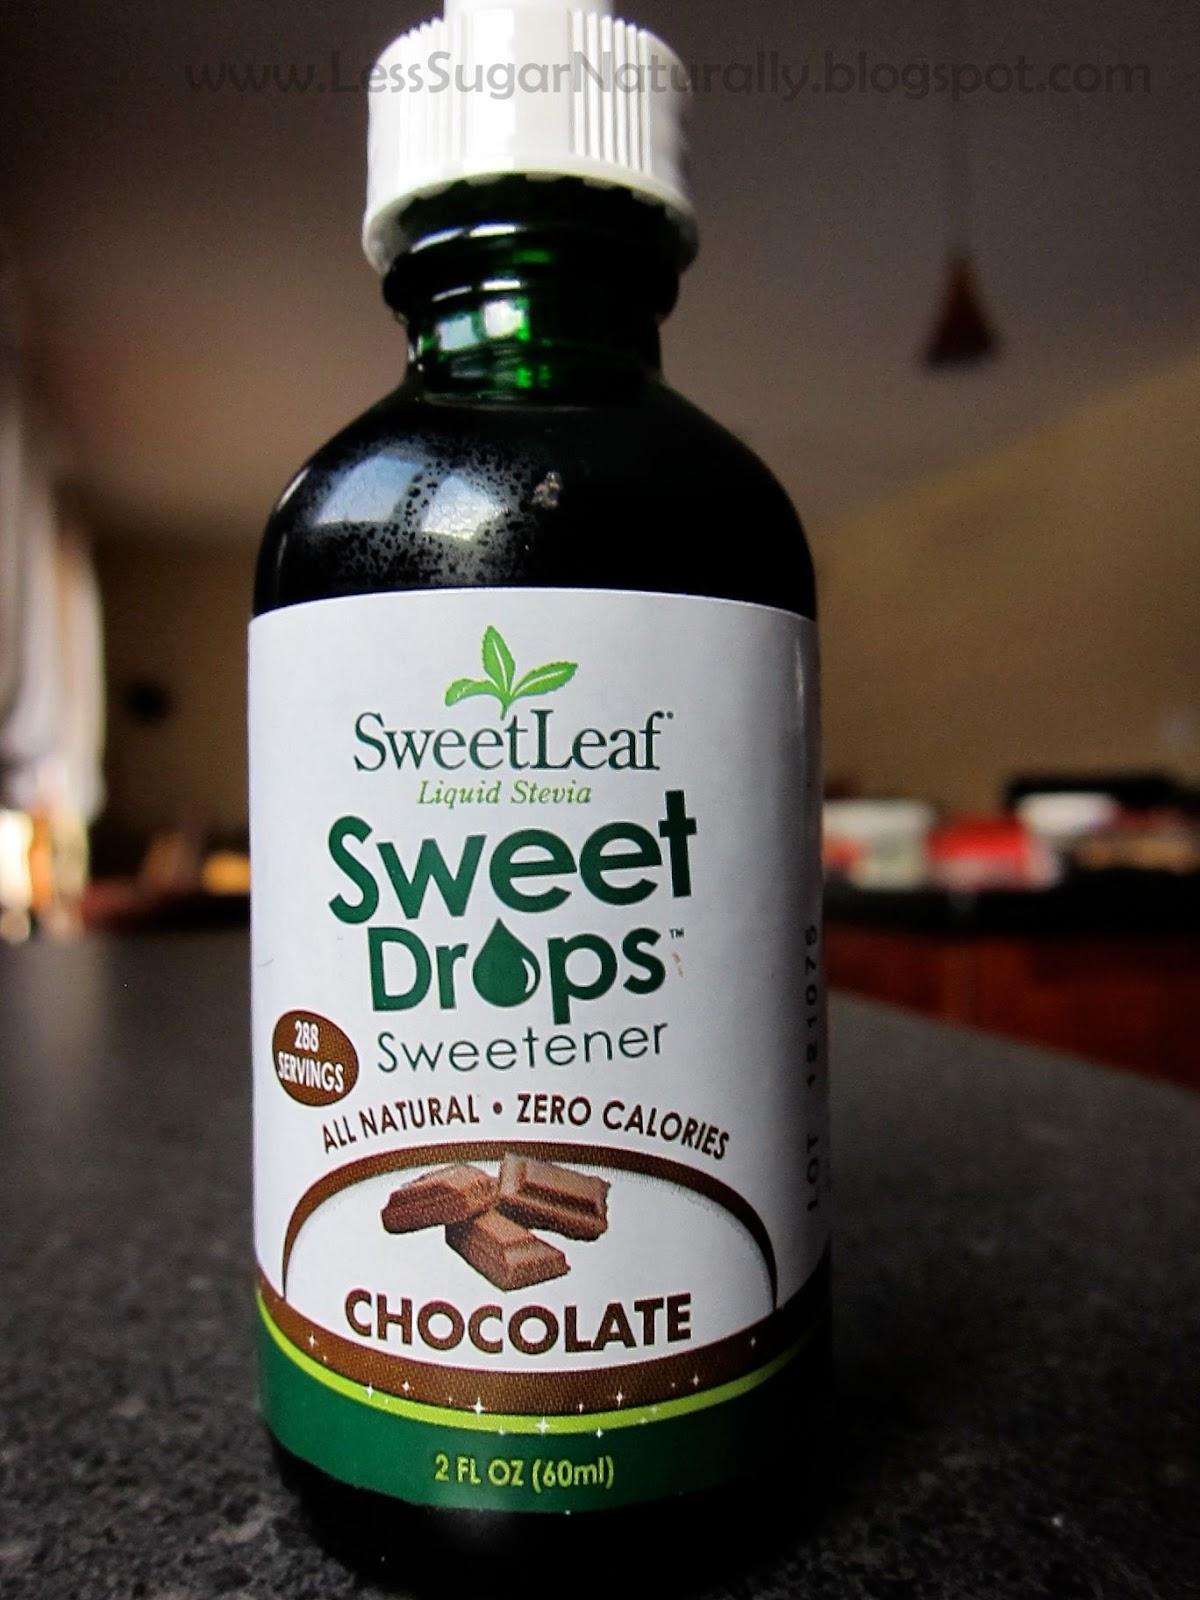 Sweetleaf sweetener reviews